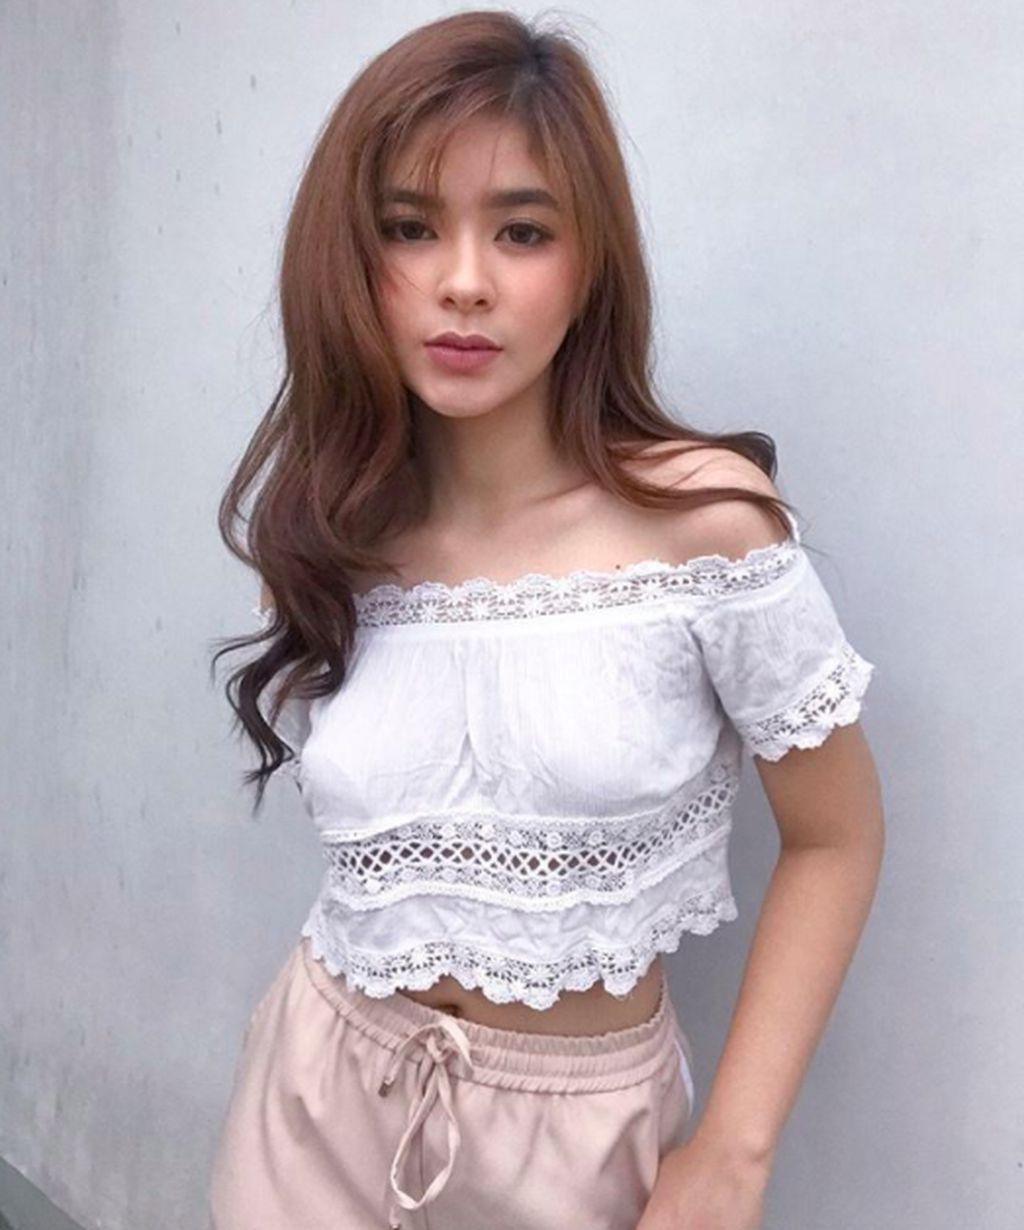 Nama gadis ini adalah Loisa Andalio asal Filipina. Dia baru berusia 18 tahun. Foto: Instagram